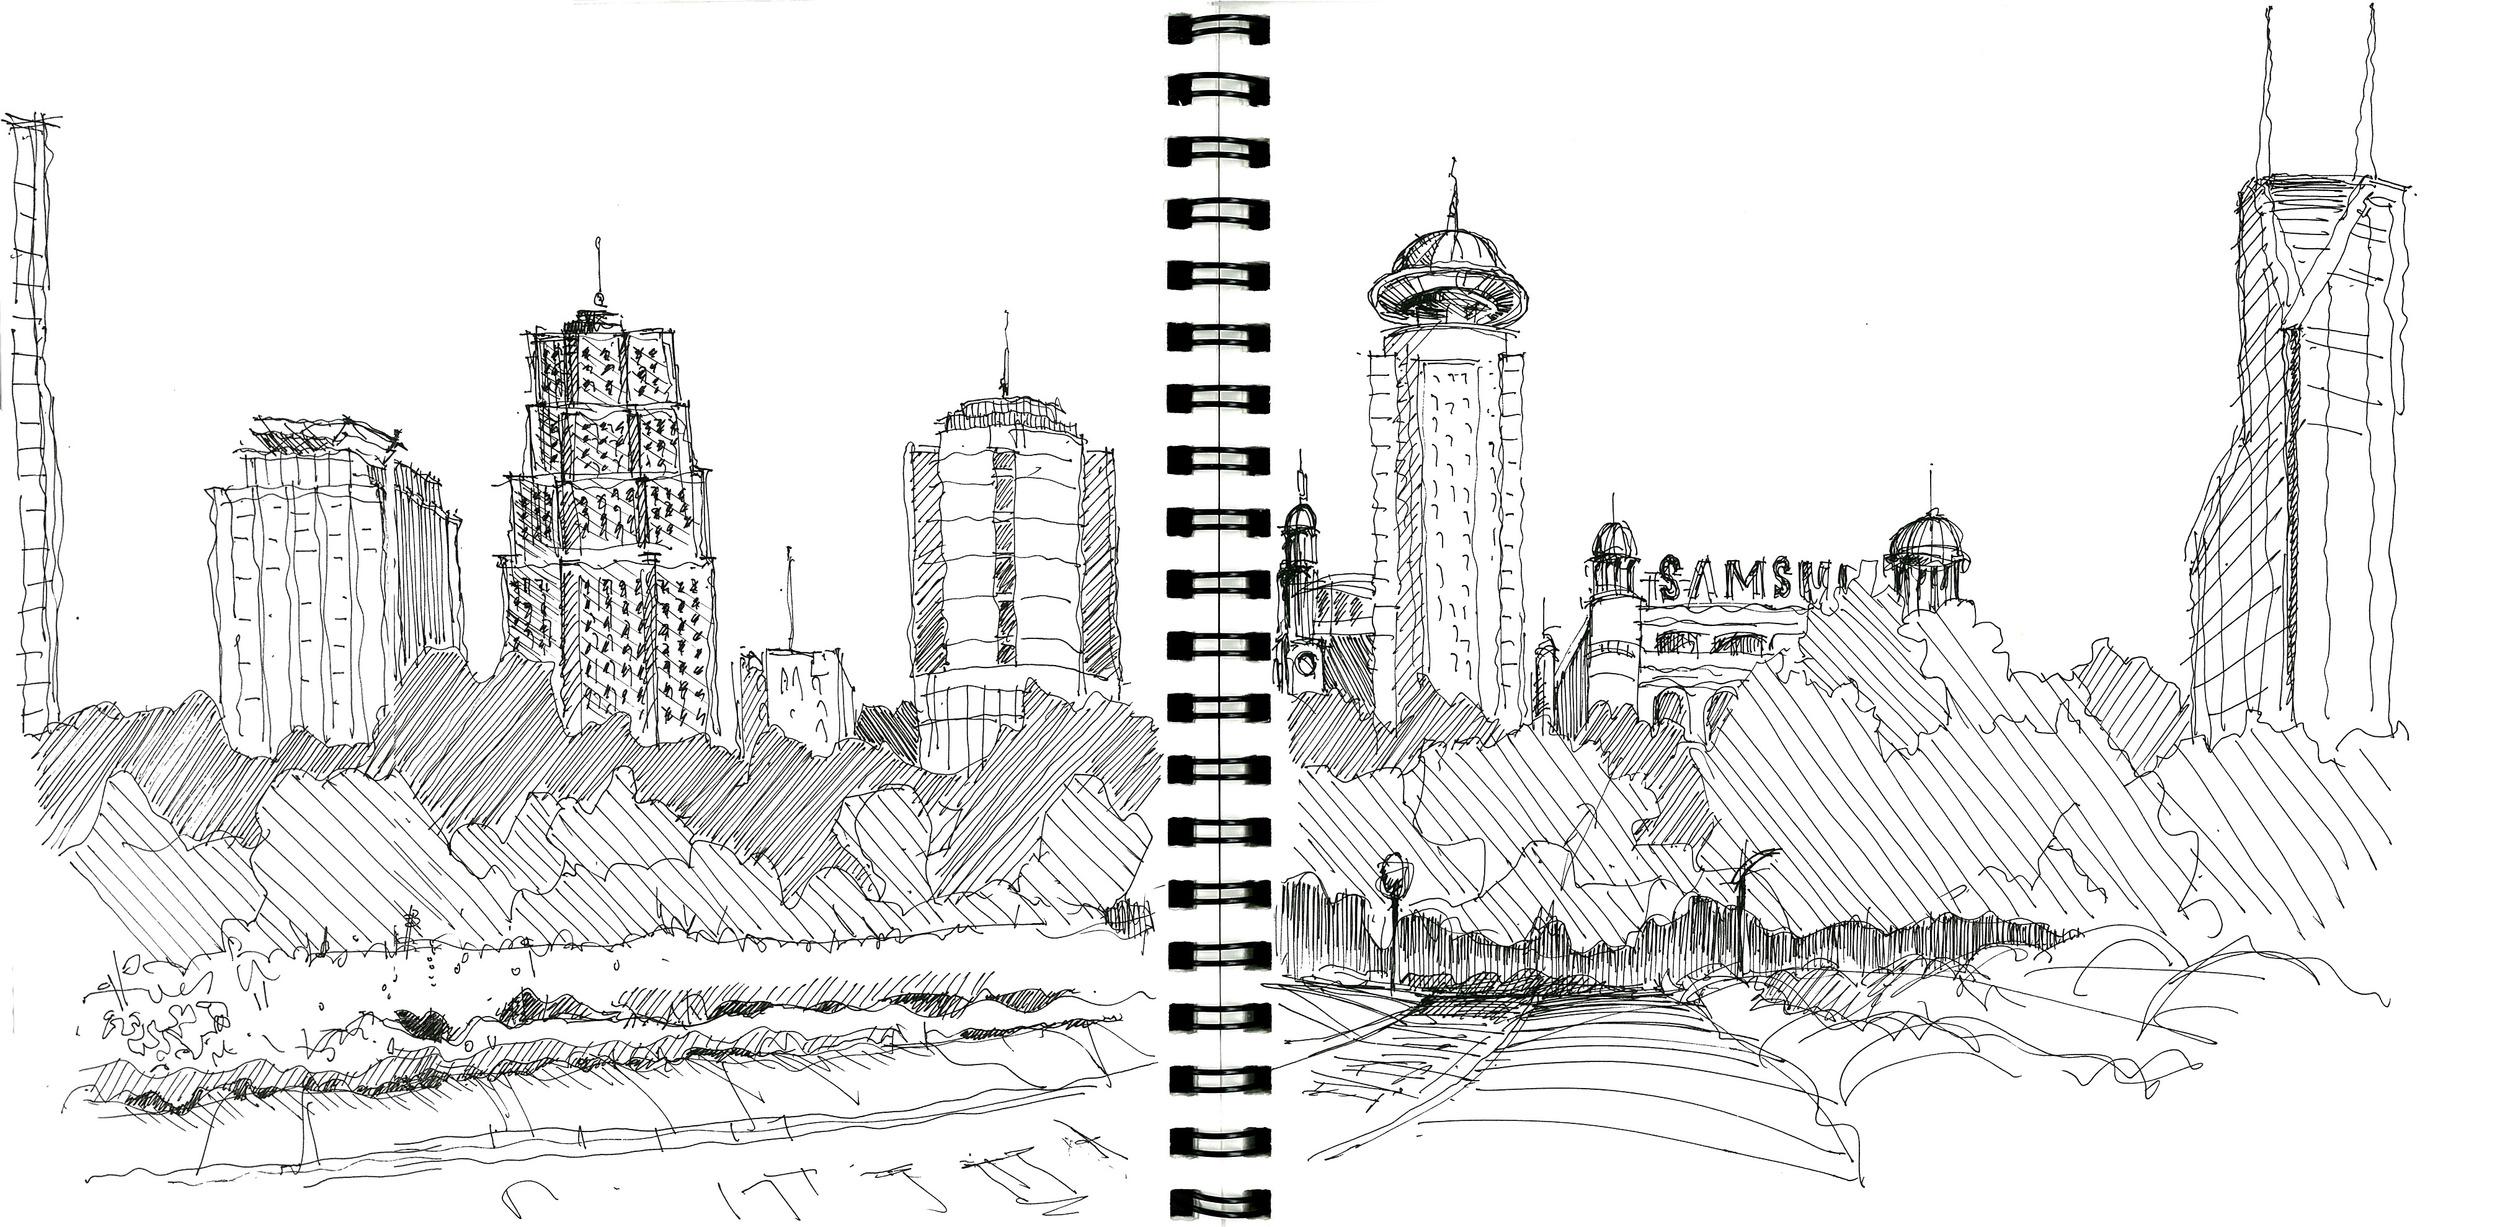 sketch-panorama_peoplepark1.jpg